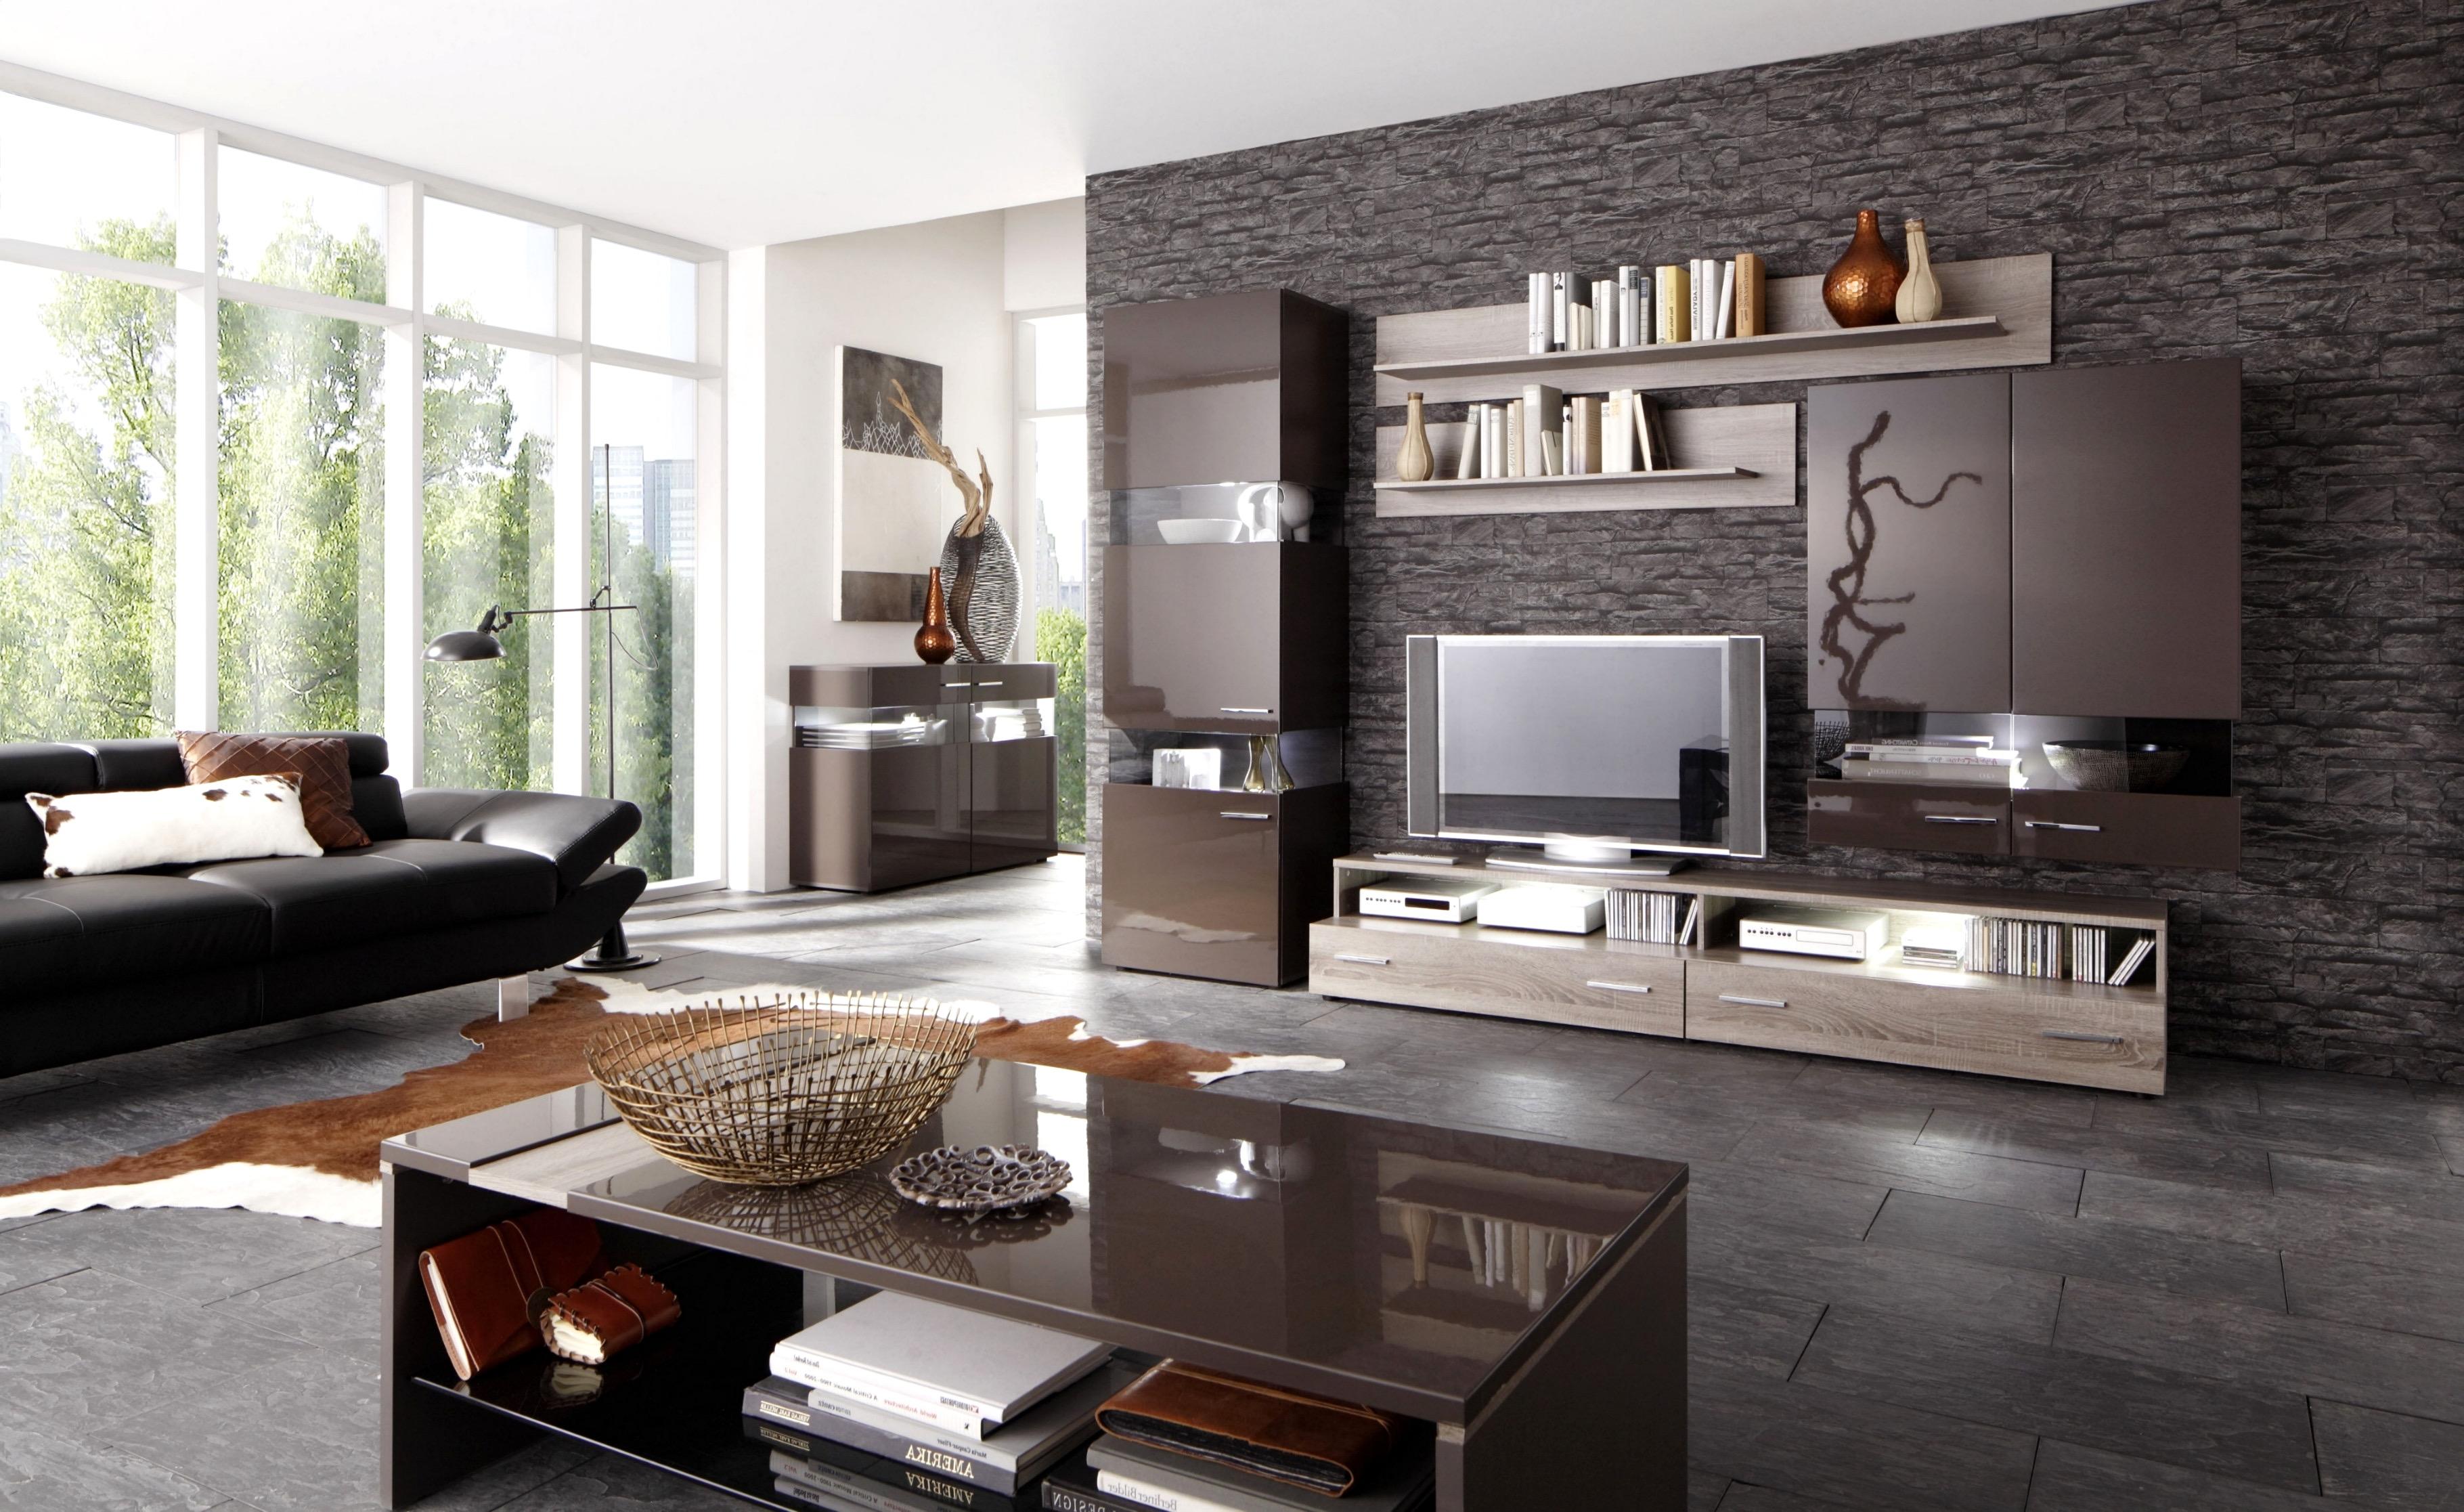 Wohnzimmer Ideen Für Wohnung Exquisit On In Fur Houzzilla ...